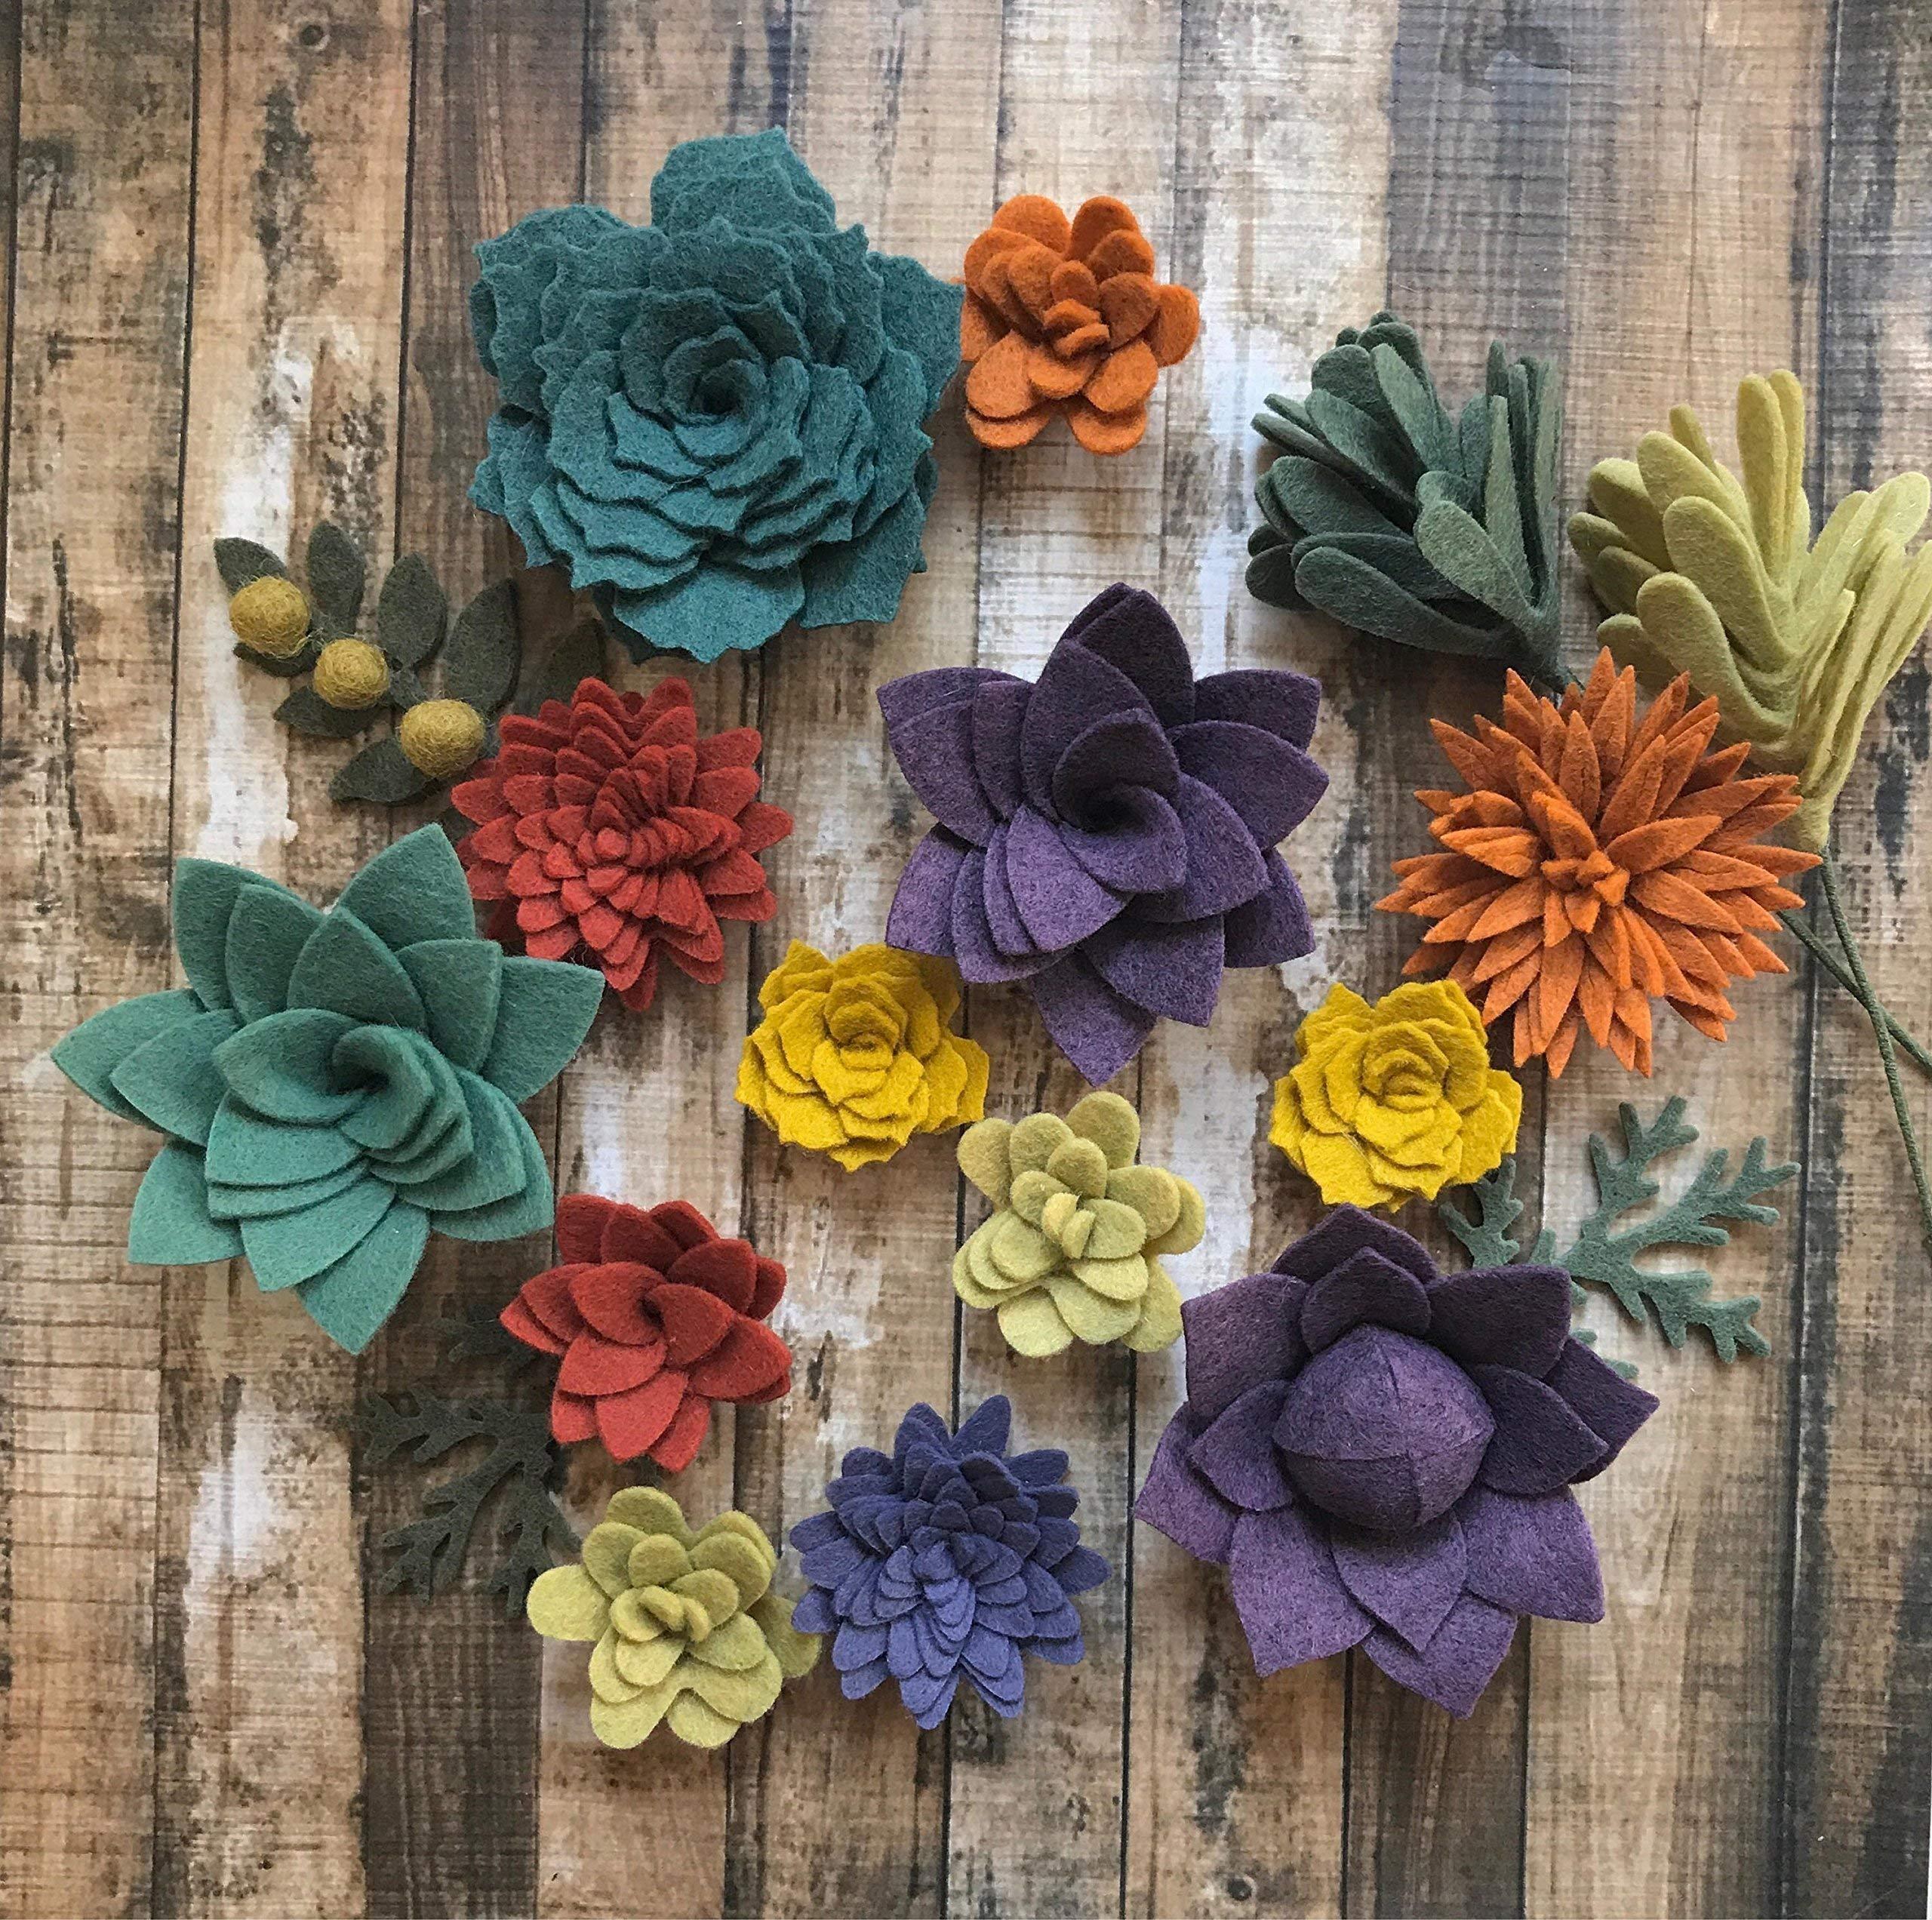 silk flower arrangements wool felt succulents autumn collection- 15 flowers & 3 leaves - create headbands, diy wreaths, garland, vertical garden